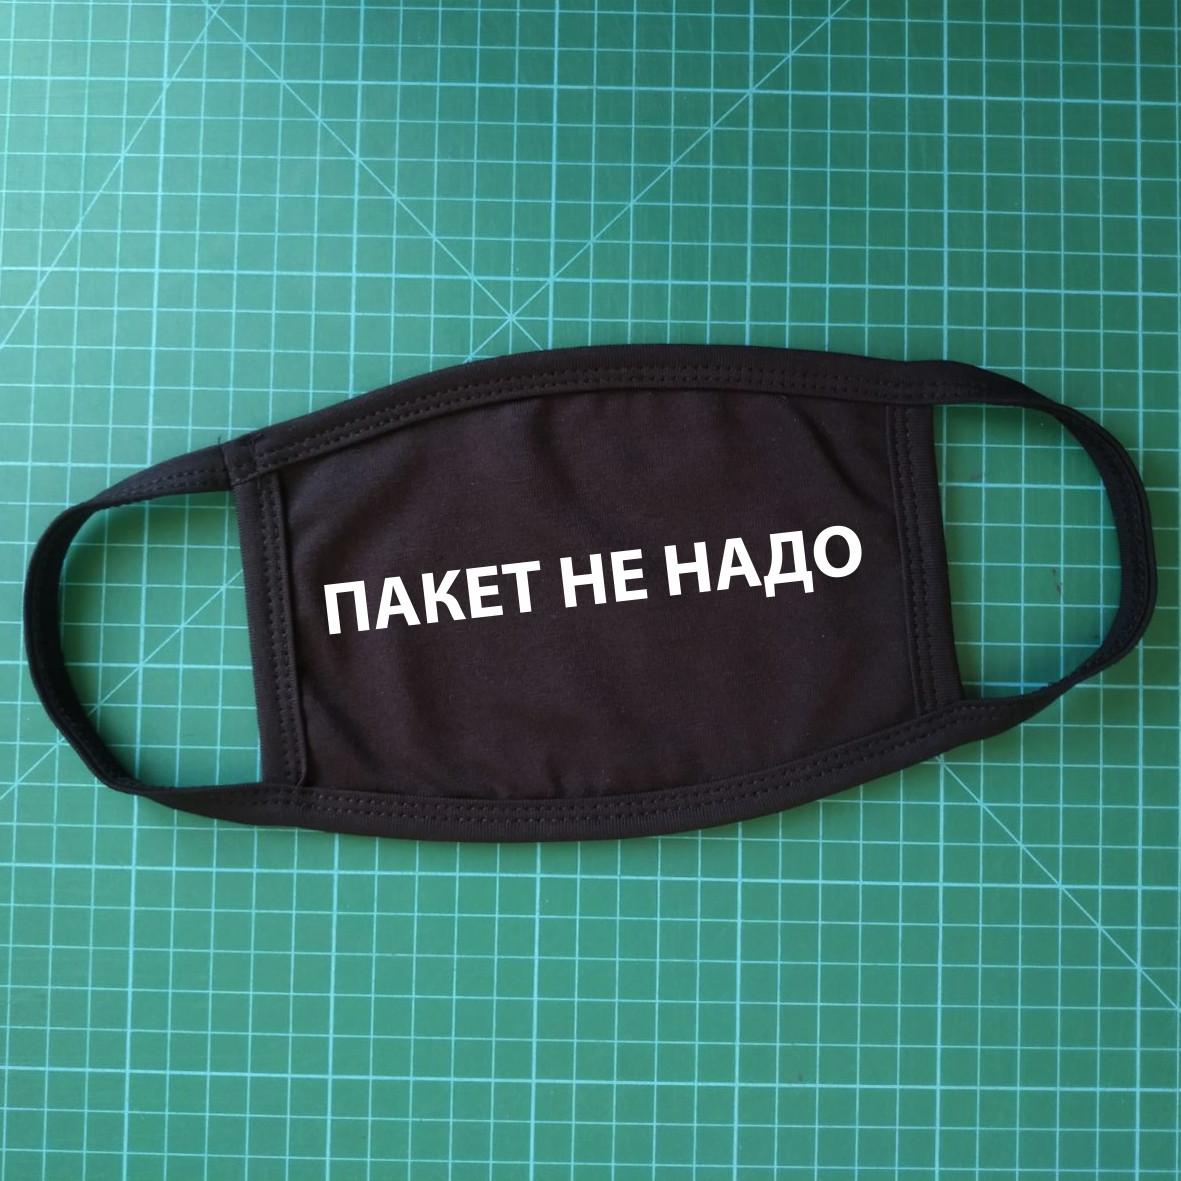 Тканевая сувенирная маска для лица. Пакет не надо